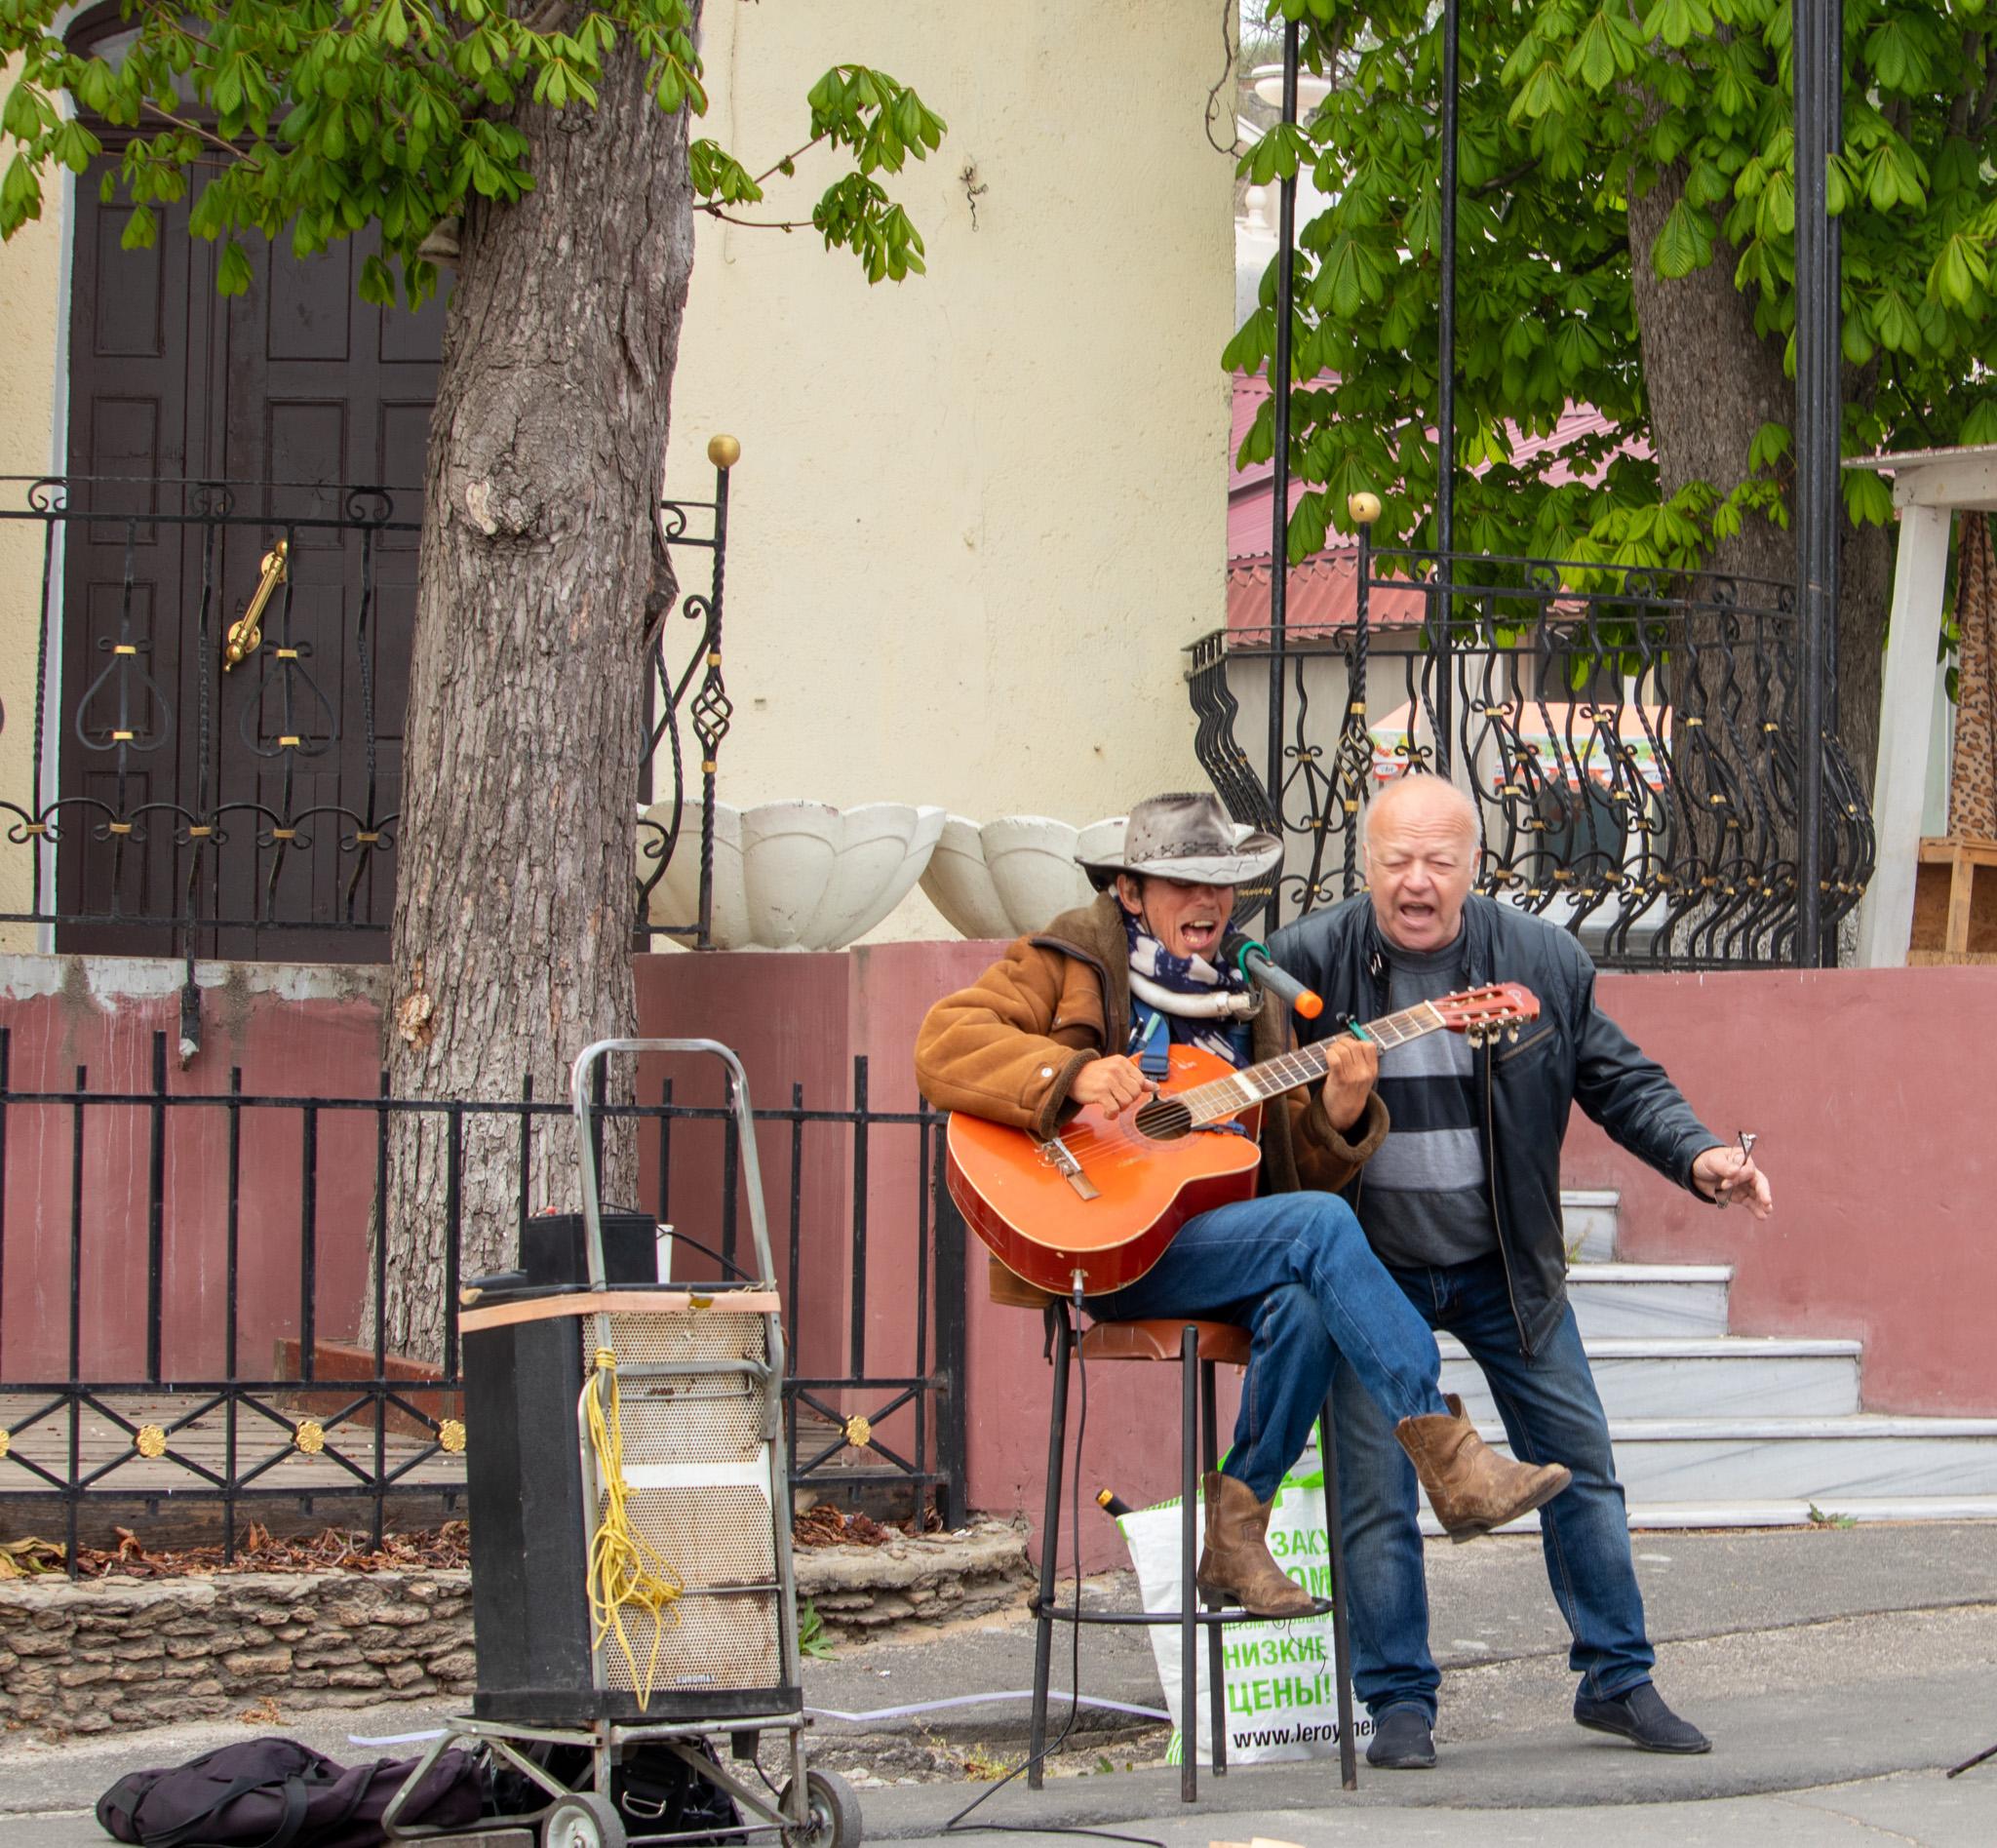 Фото выпивших уличных музыкантов – Уличная татуировка (Street tattoo) 05052020 – tatufoto.com 1